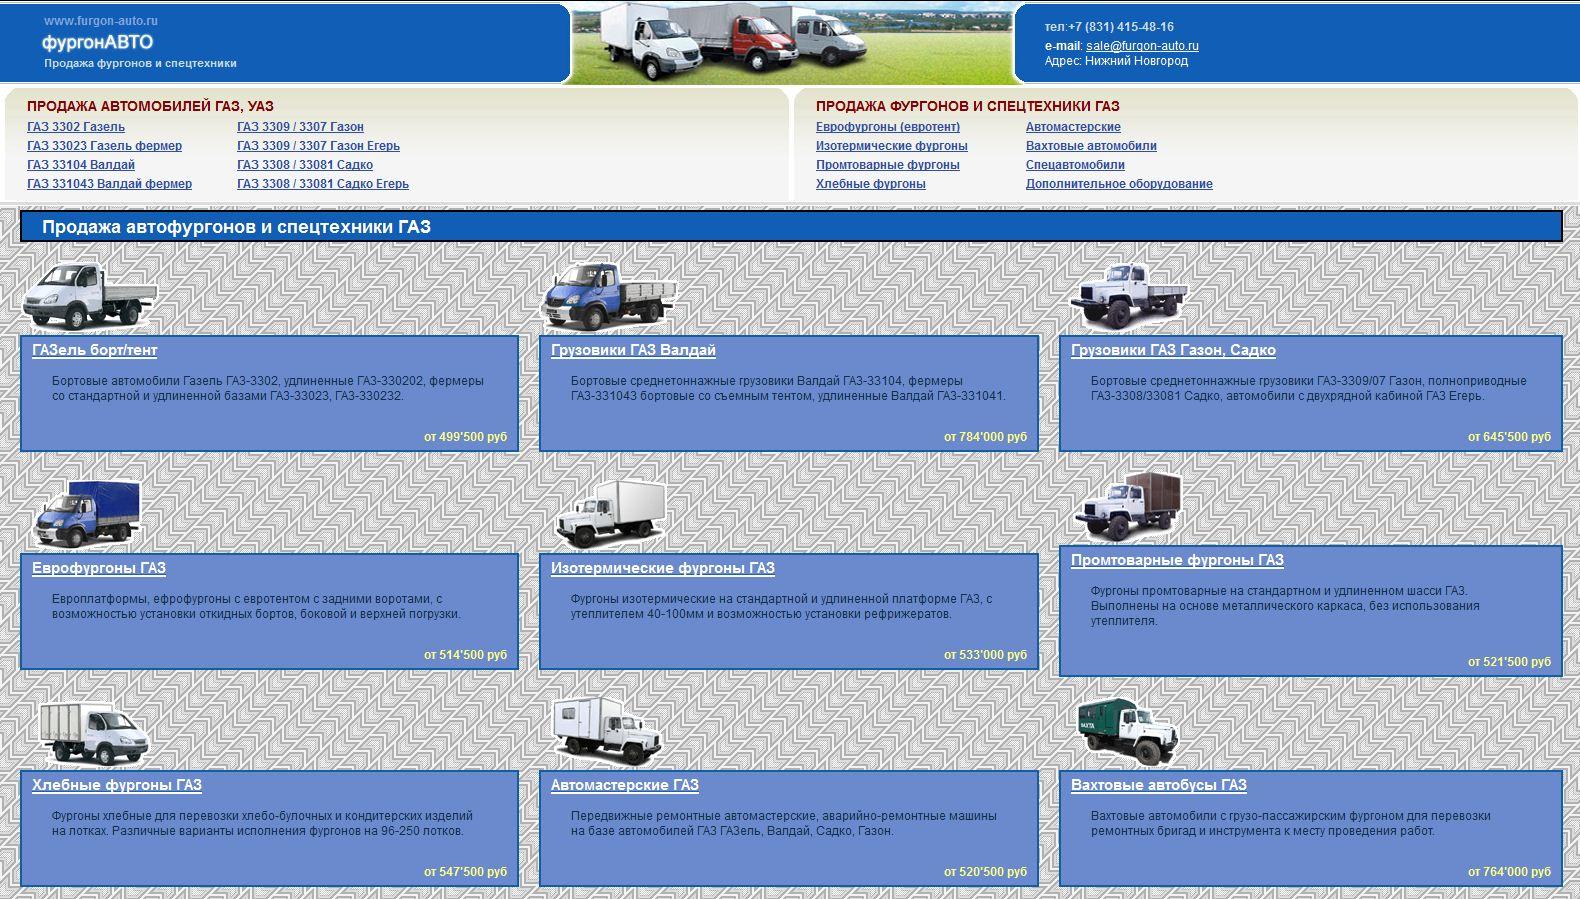 furgon-auto.ru